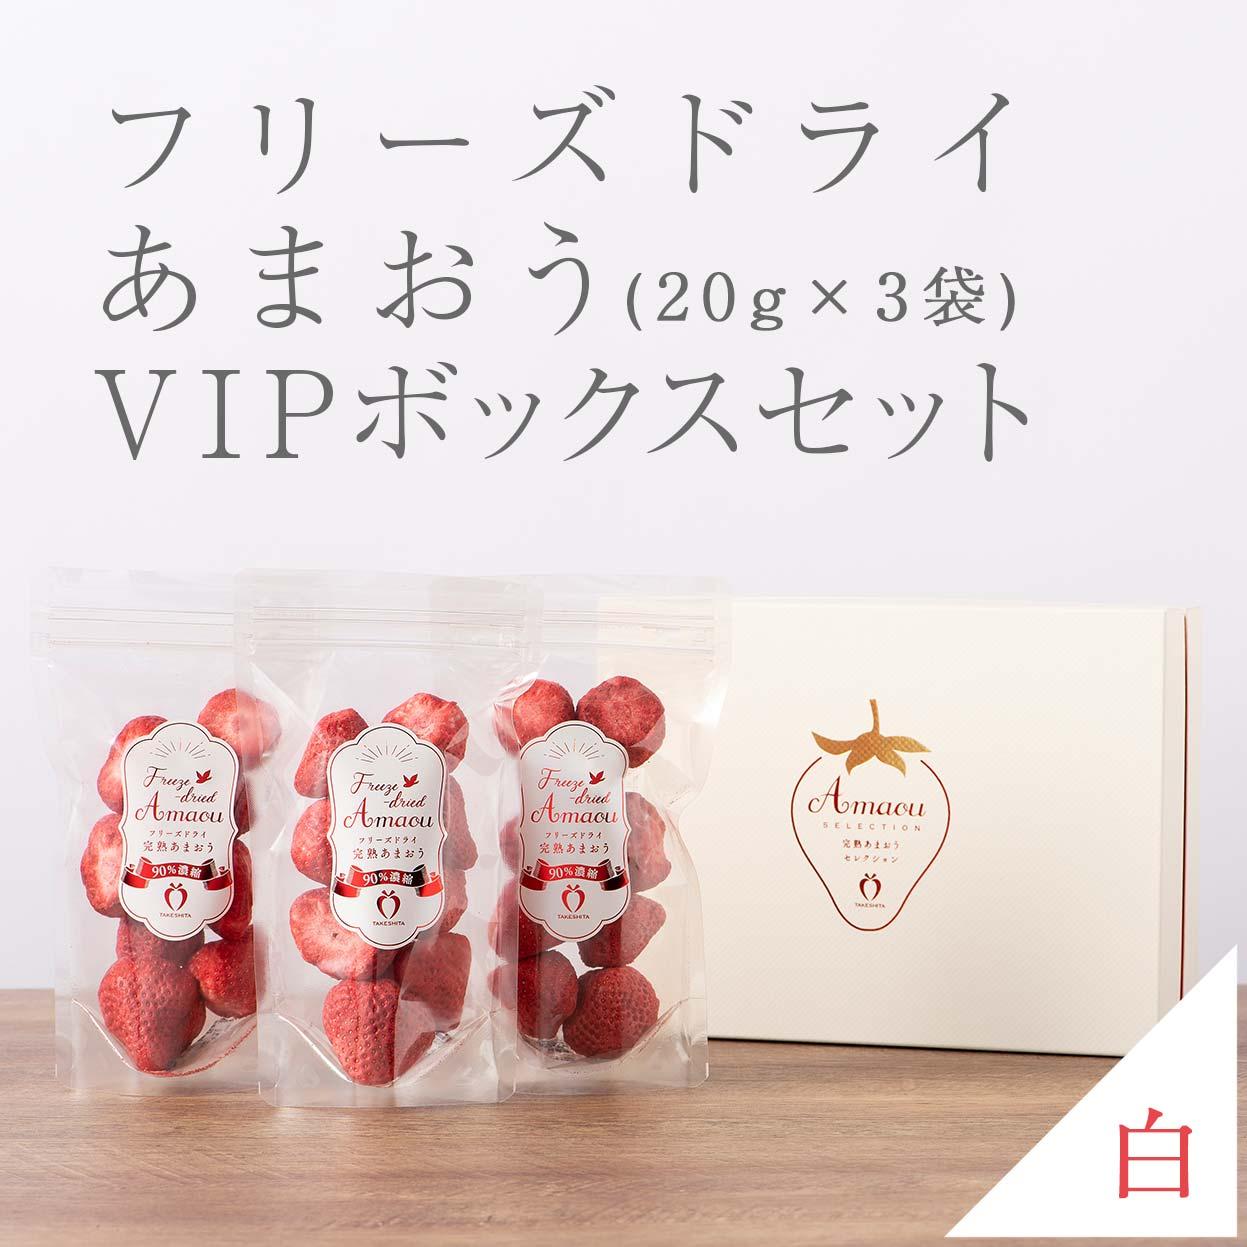 VIPボックス白 フリーズドライあまおうセット20g×3袋